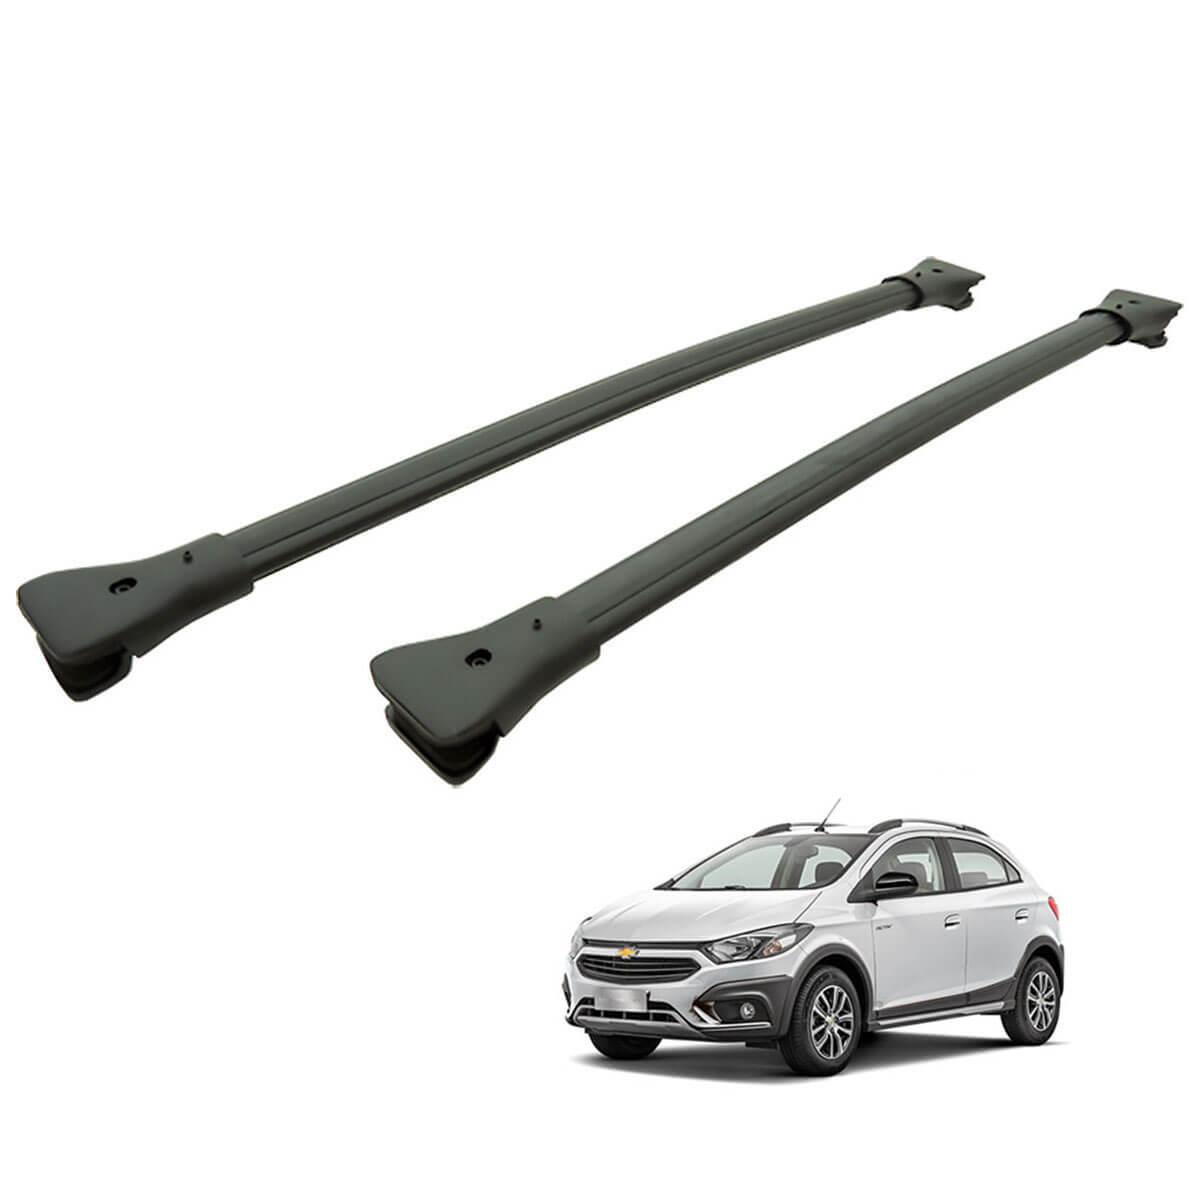 Travessa rack de teto larga preta alumínio Onix Activ 2017 2018 2019